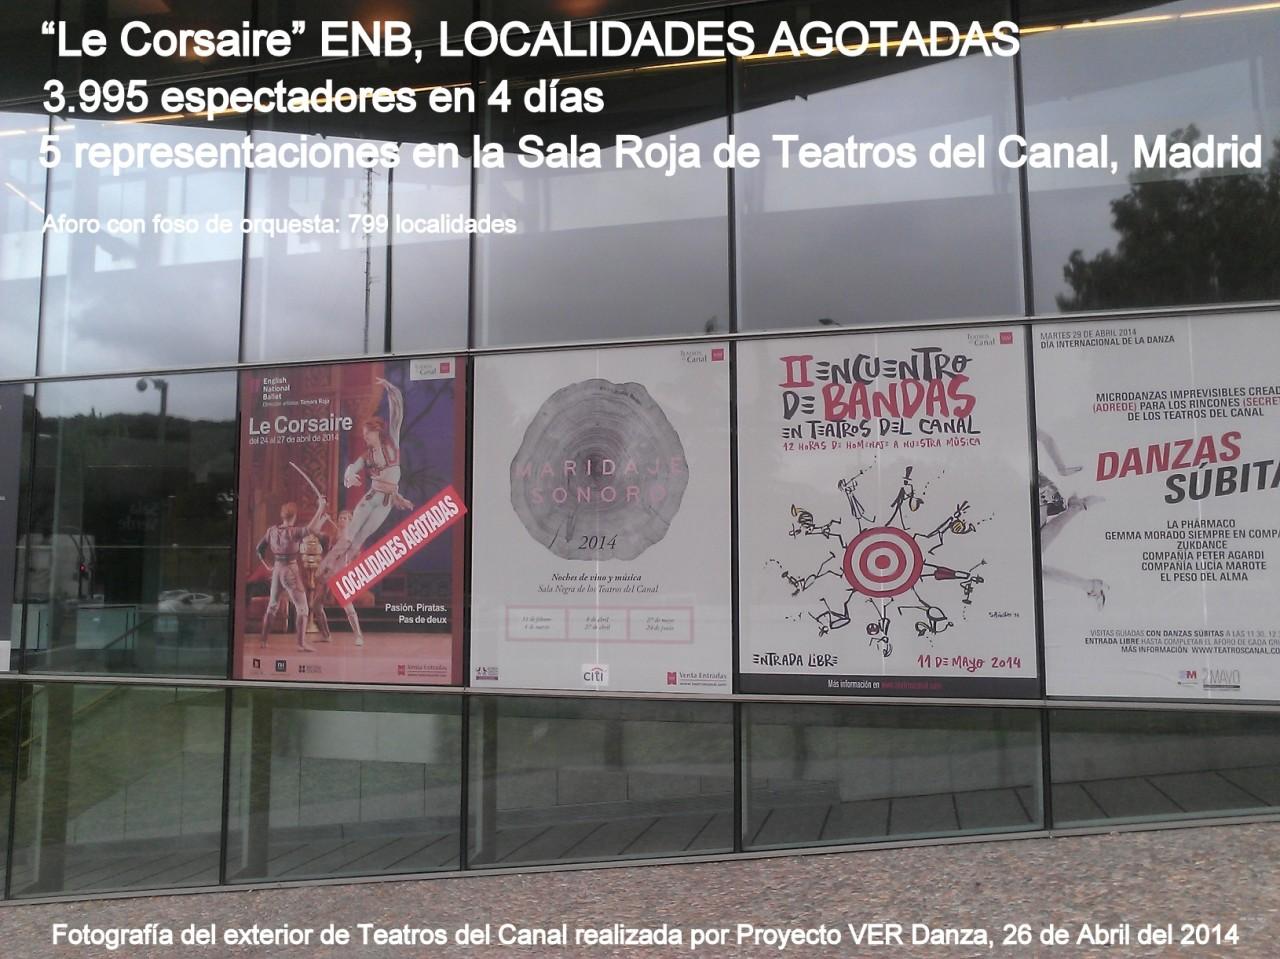 Localidades AGOTADAS Le Corsaire